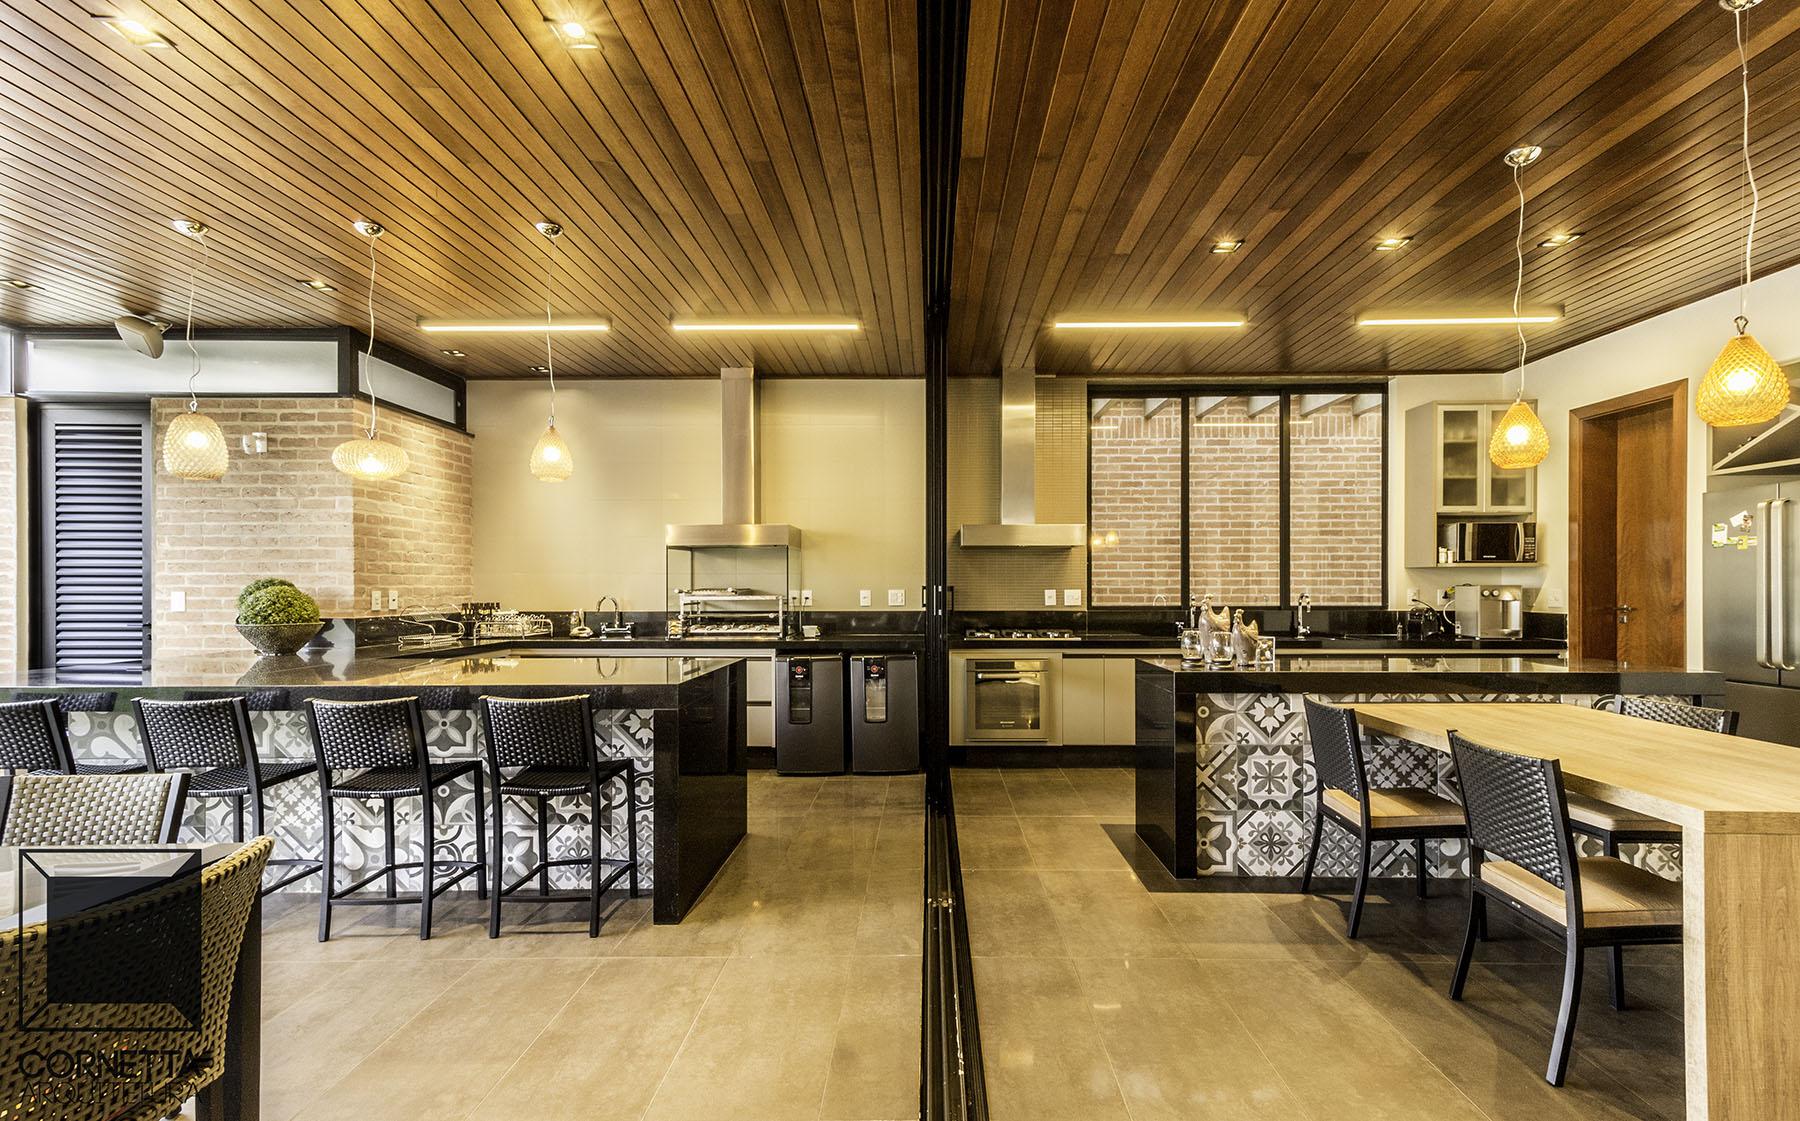 casa-estrutura-metalica-madeira-gourmet.jpg